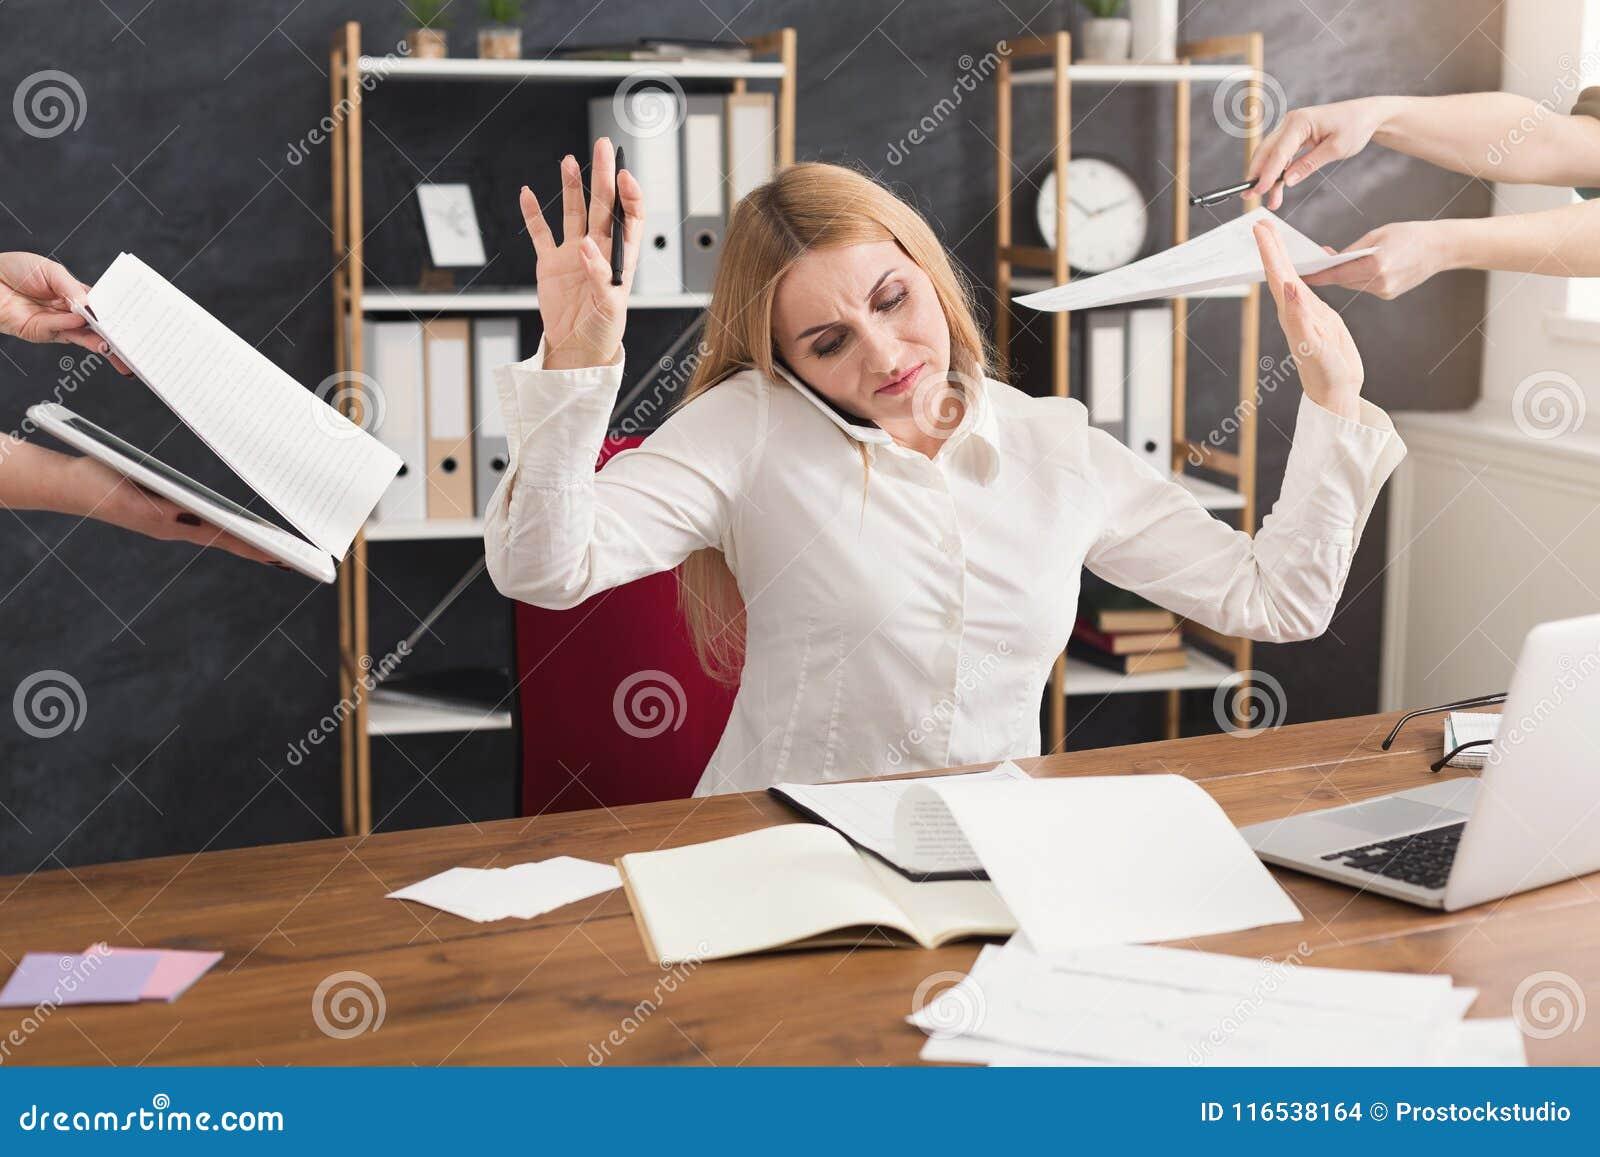 Bezige vrouw in bureau gesturing einde aan medewerkers